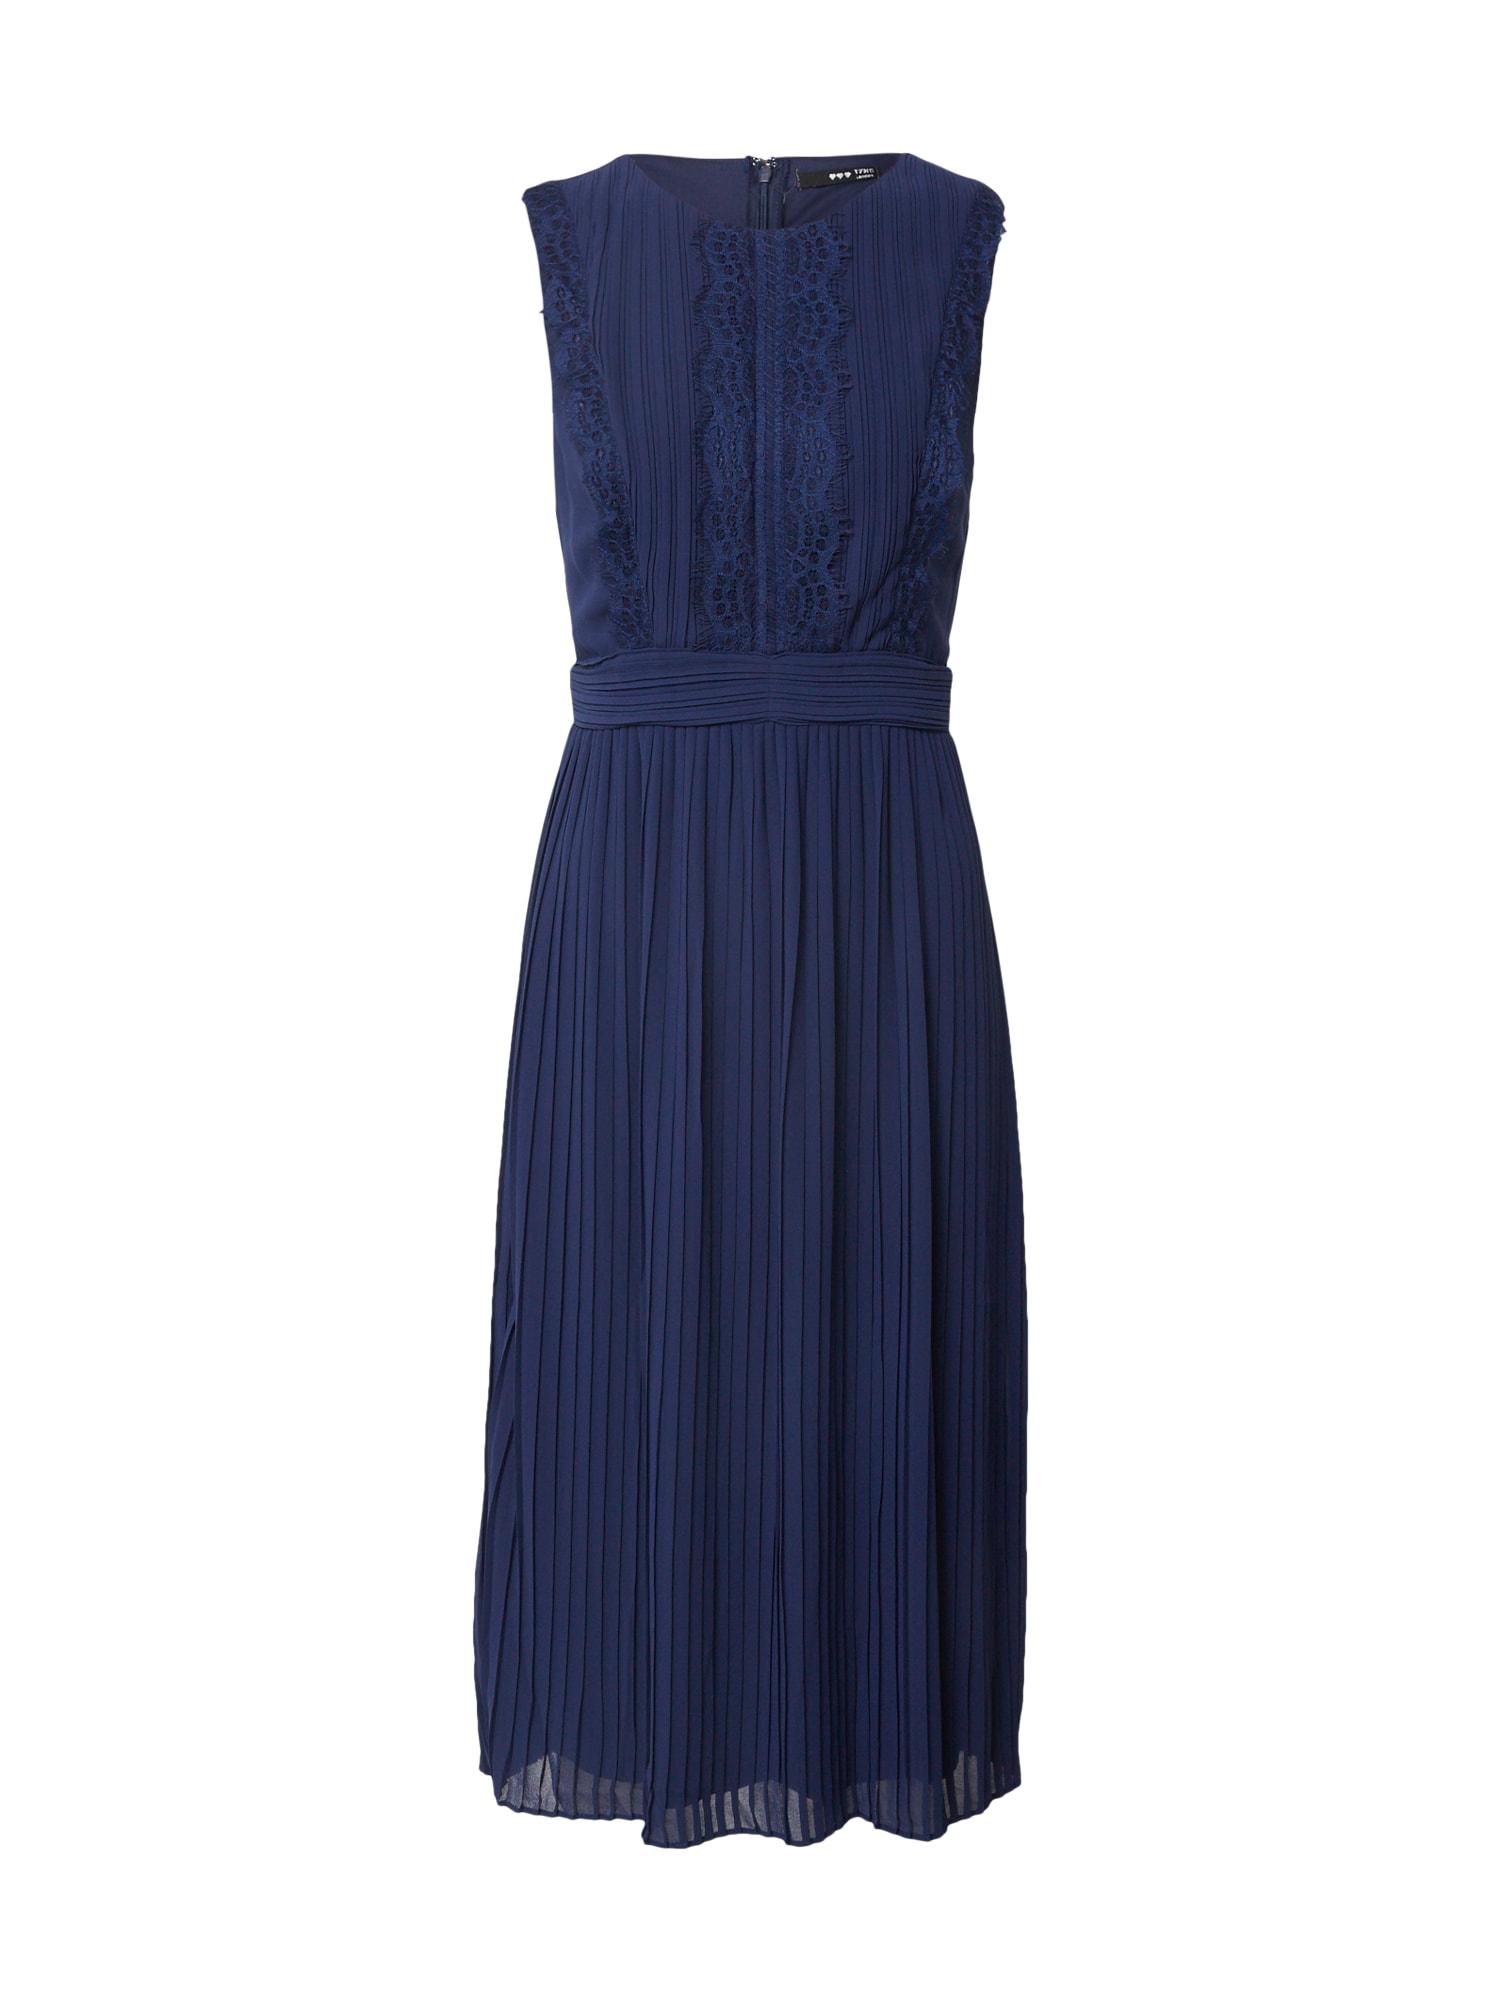 TFNC Letní šaty 'NEICY'  námořnická modř